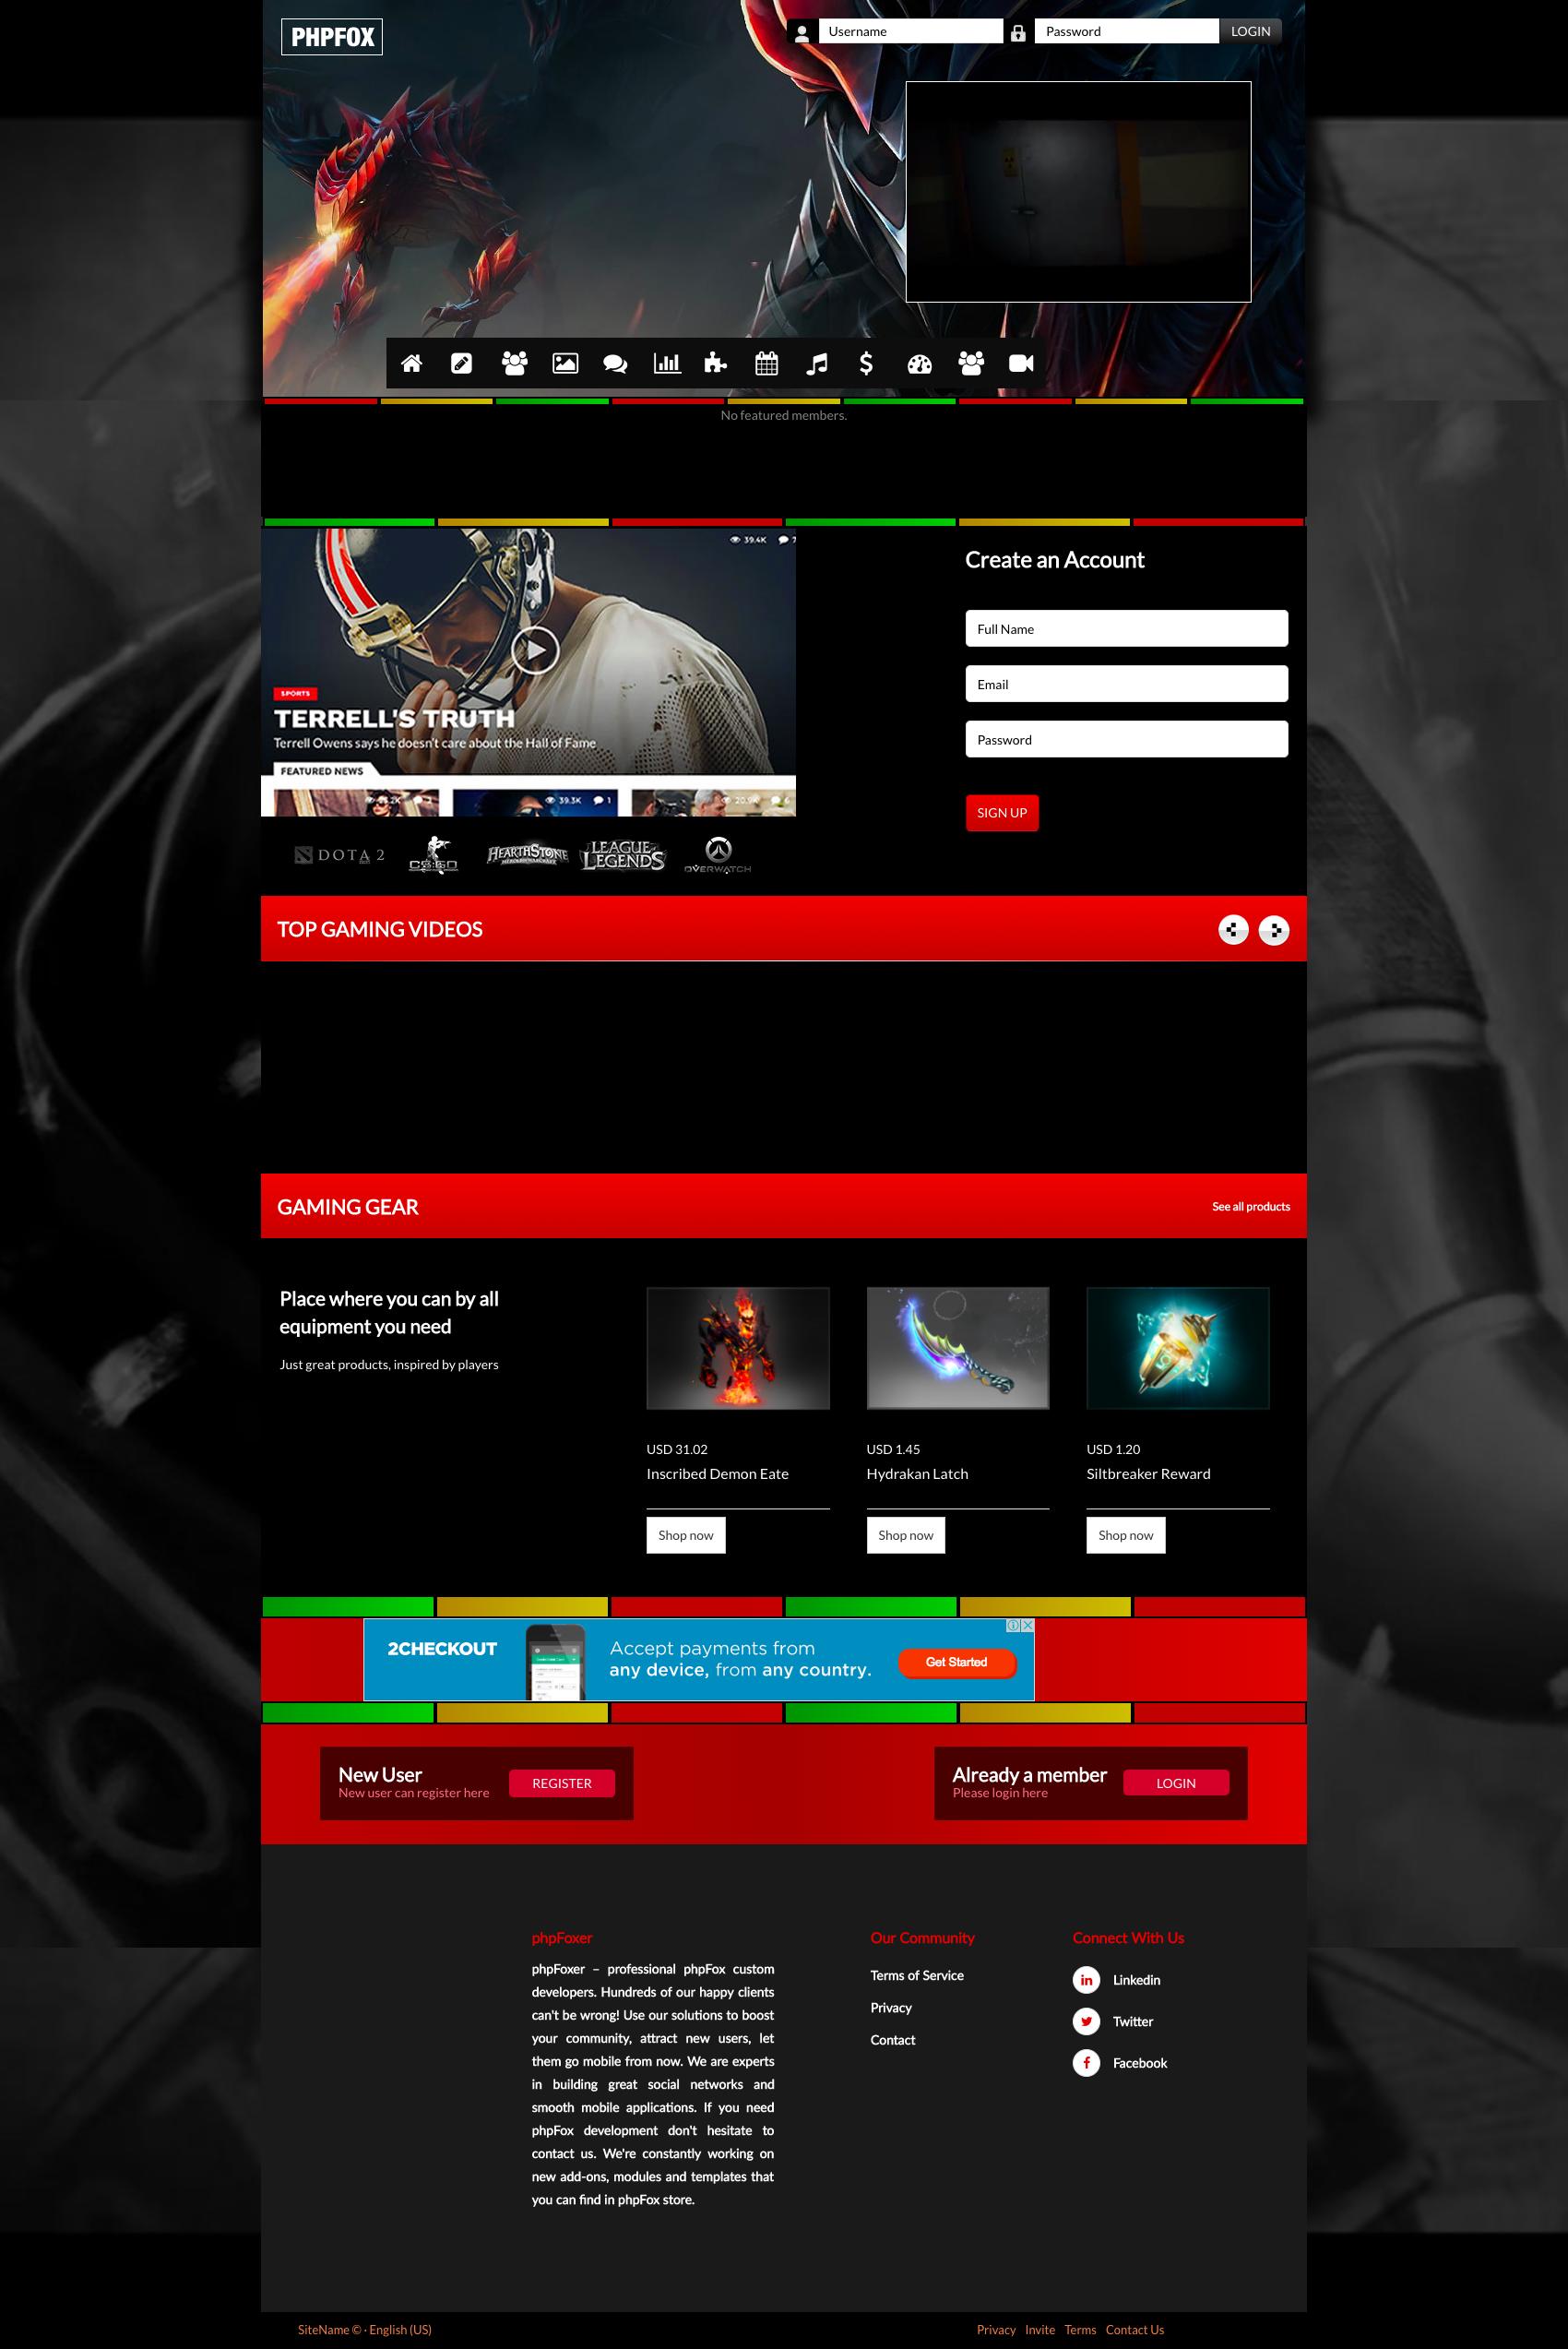 phpfox-gaming-theme-landing-page.png